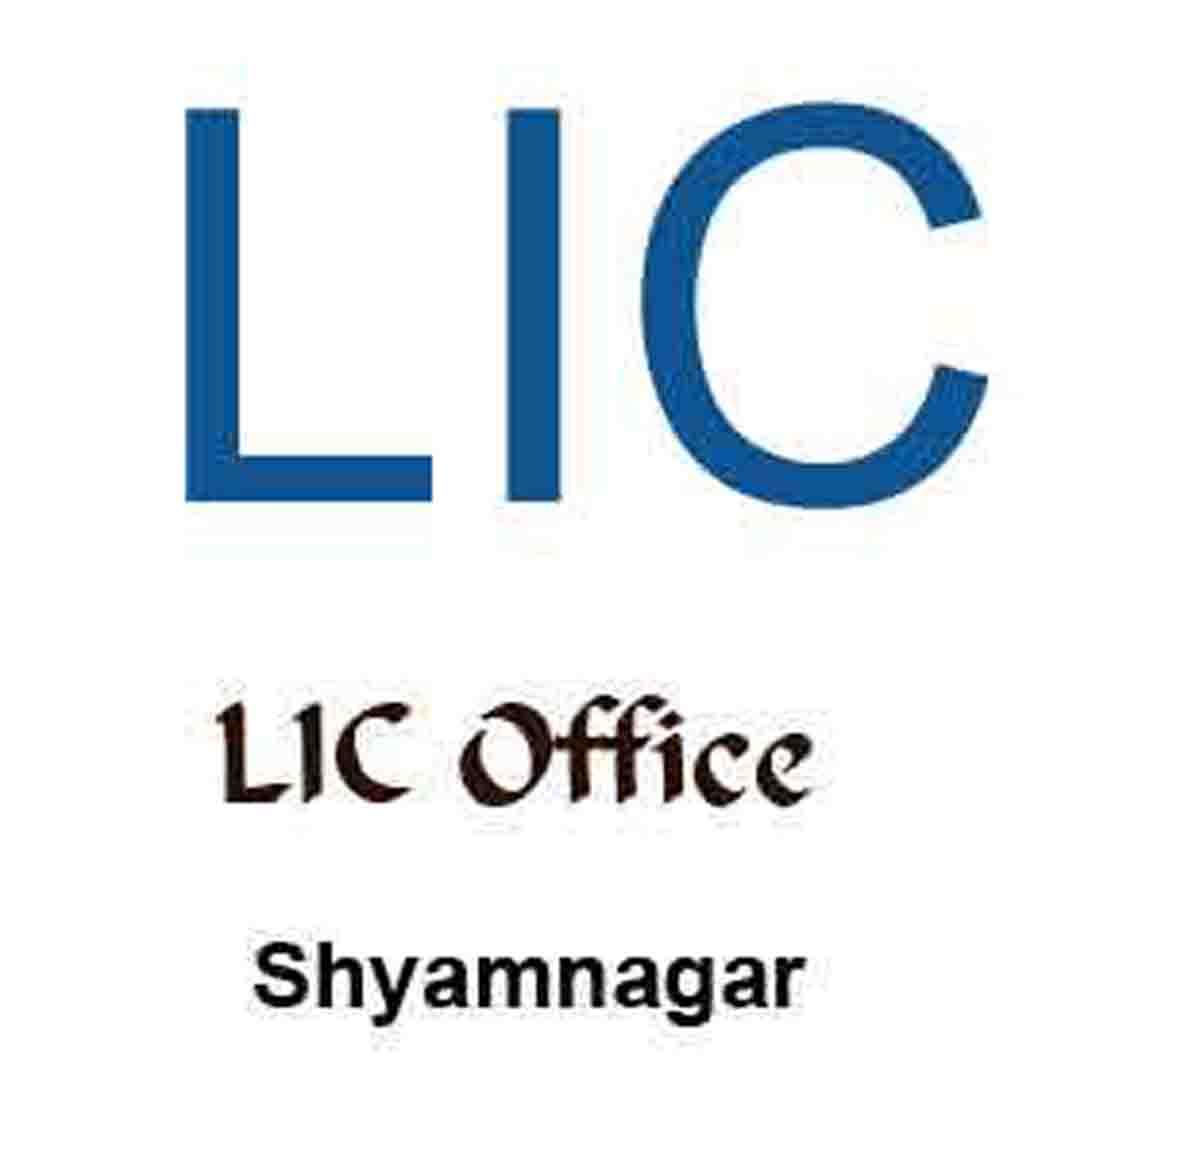 lic office shyamnagar